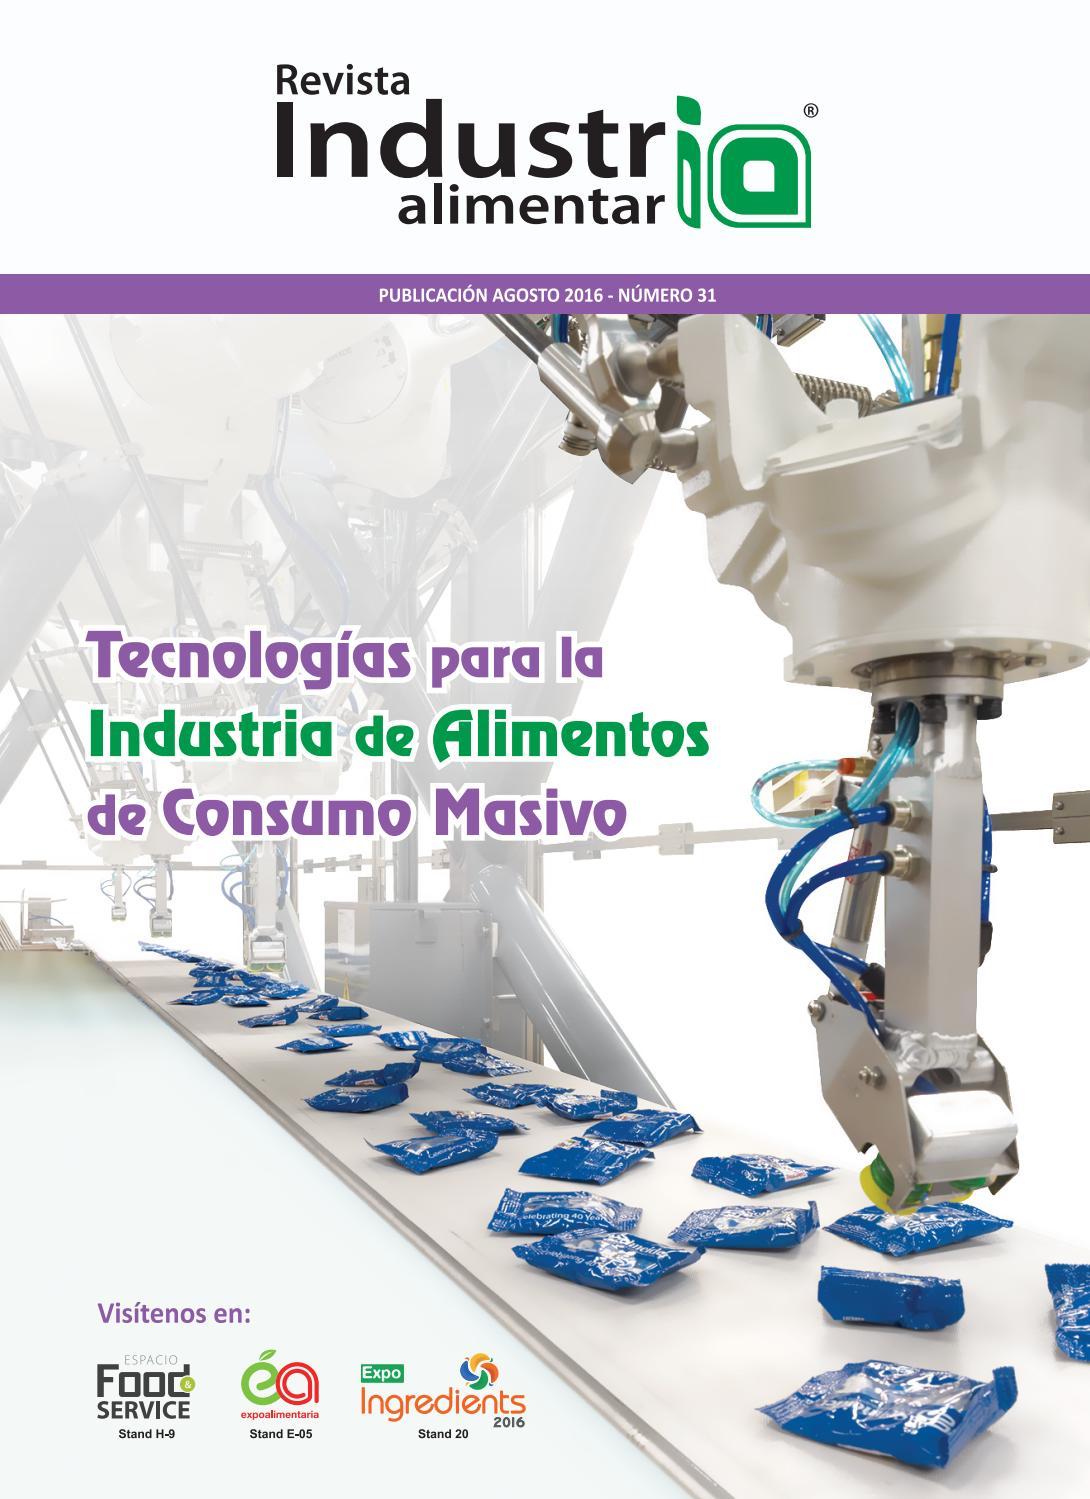 Revista industria alimentaria n 31 by revista industria for Programa de limpieza y desinfeccion en industria alimentaria